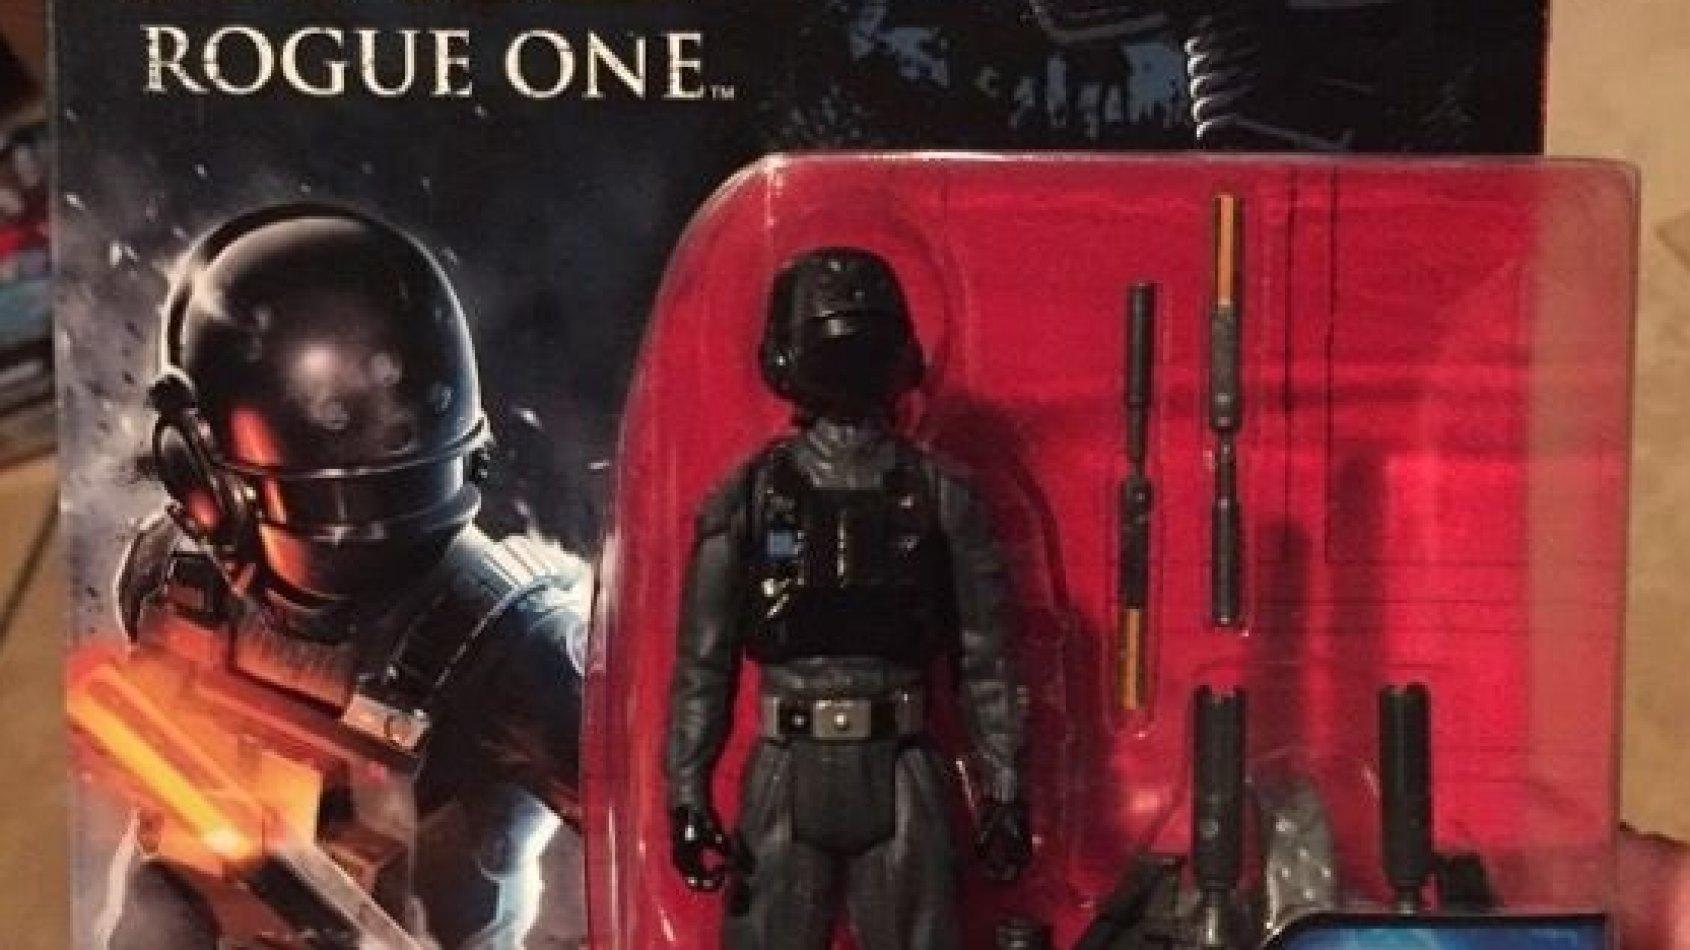 De nouvelles figurines de Rogue One dévoilées